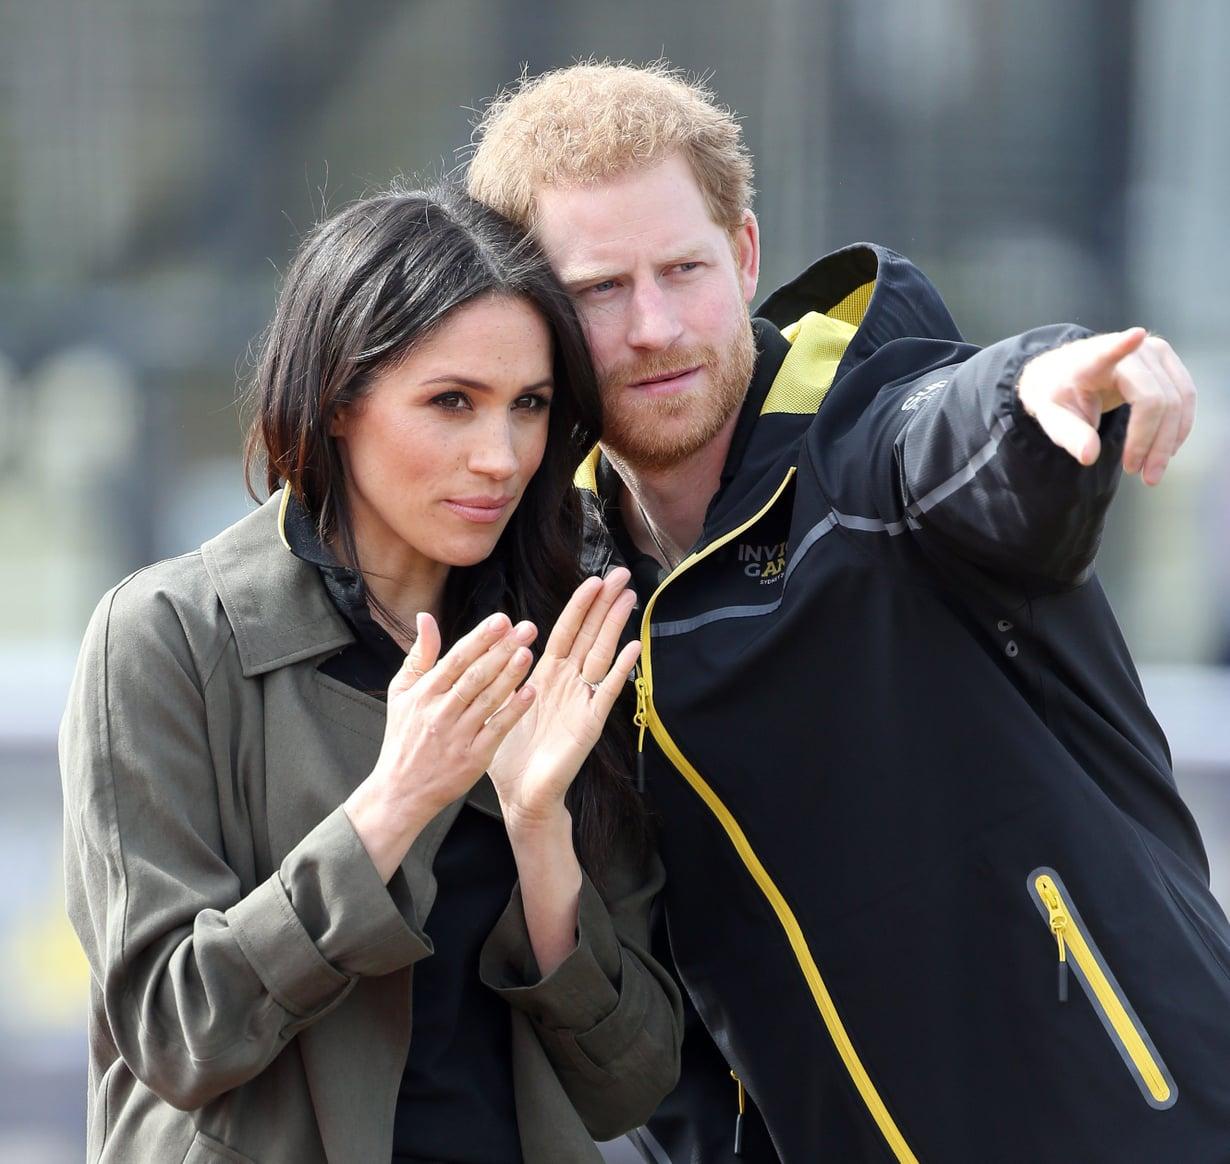 Sussexin herttuapari kertoi vauvauutisen maanantaina Instagramissa. Pariskunta on parhaillaan Australiassa. Kuva: MV Photos